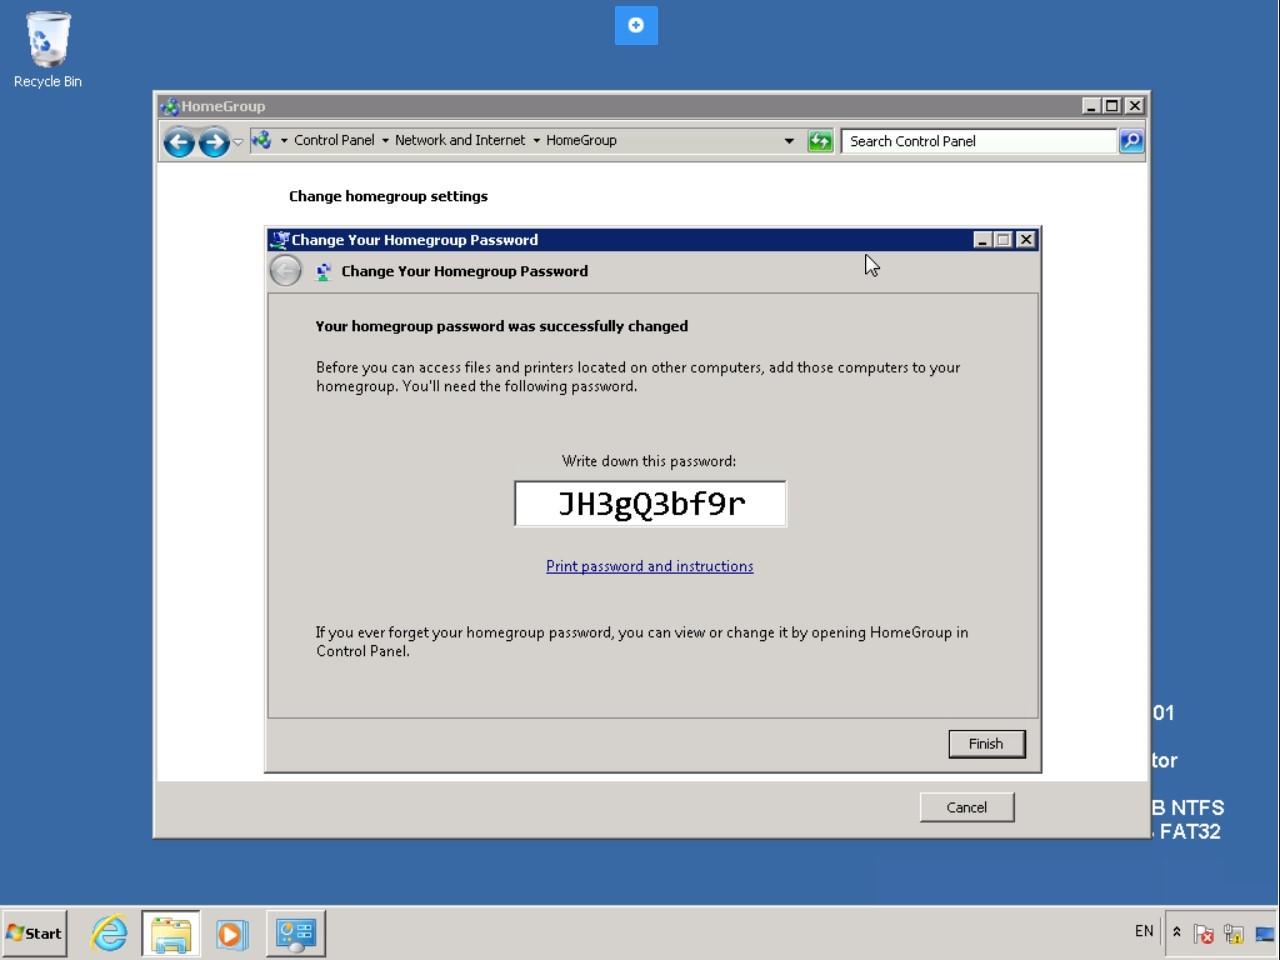 Hình 5.11 Ảnh chụp màn hình PLABWIN701